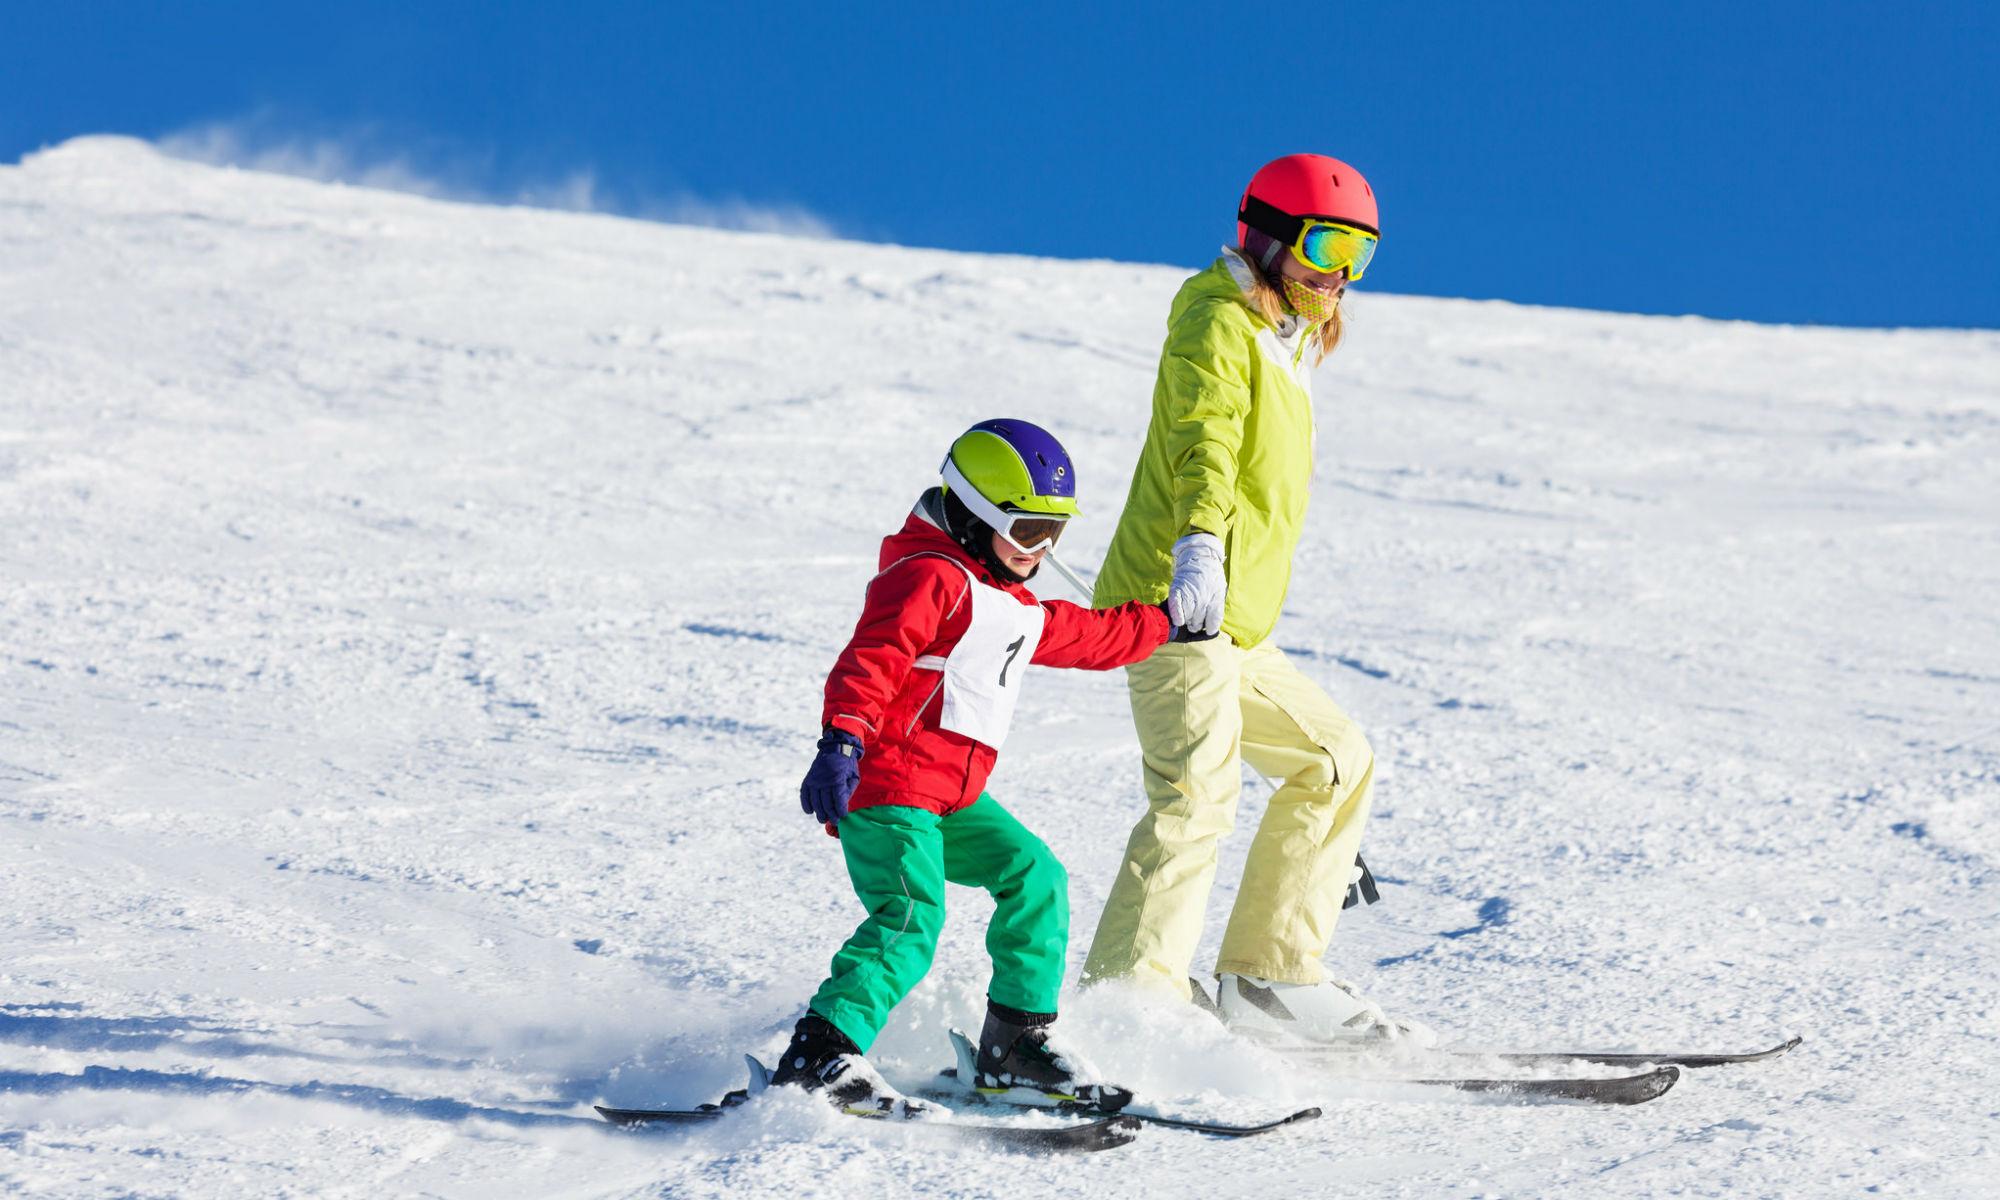 Ein Kind fährt mit seiner Mutter Hand in Hand die Skipiste hinunter.